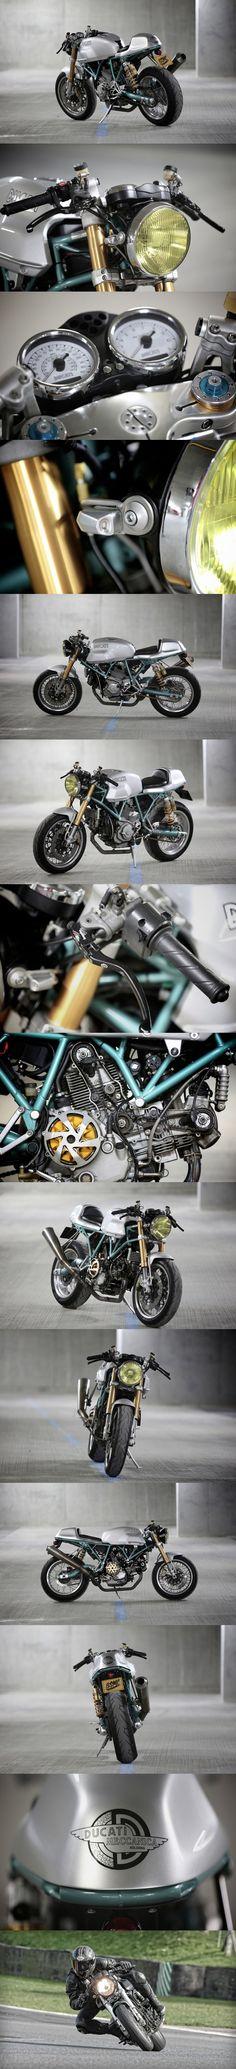 Ducati Paul Smart 1000LE Cafe Racer